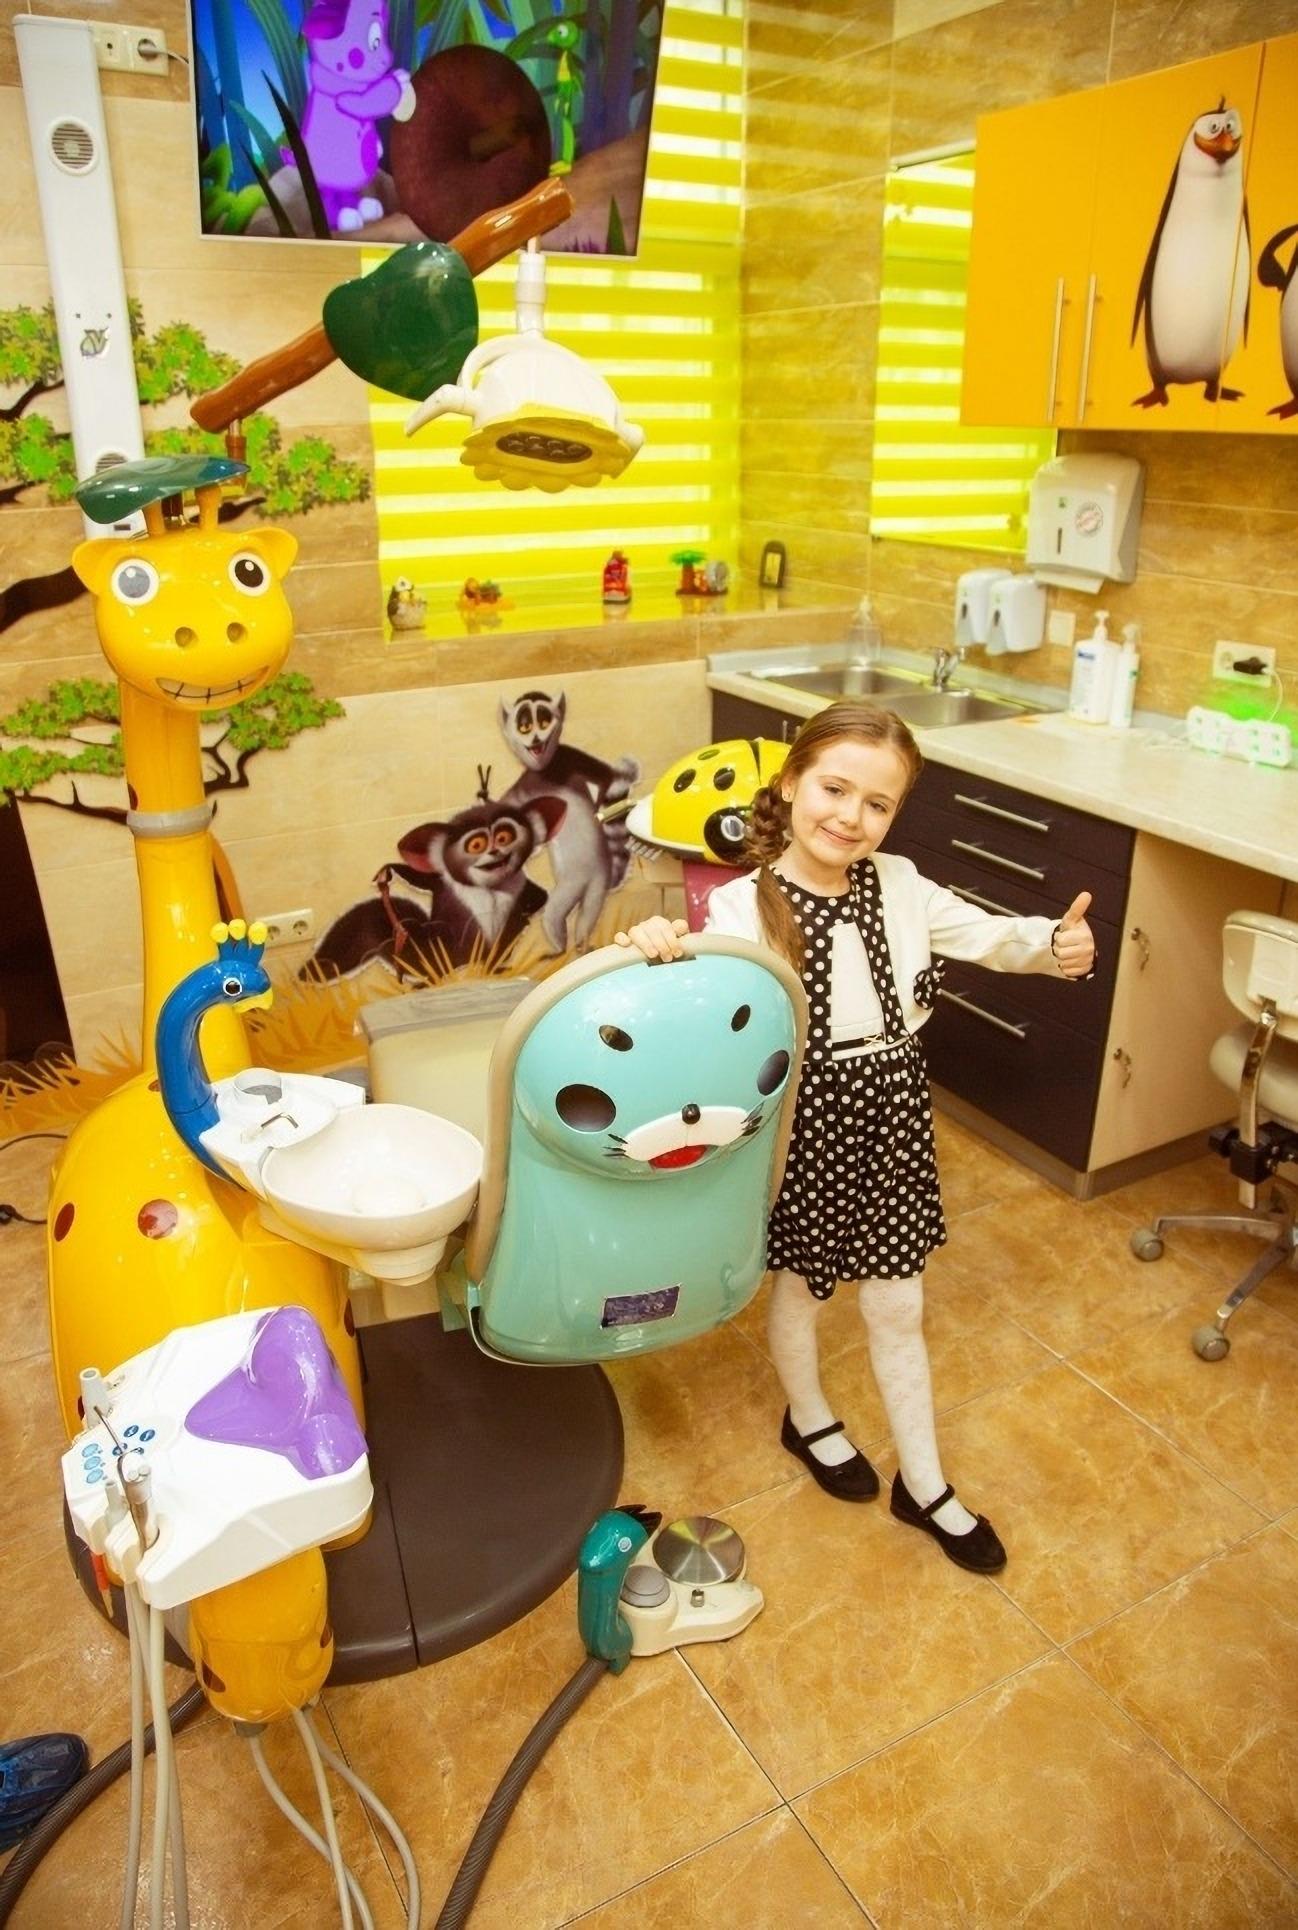 Children's dentistry office in misto dent kharkov